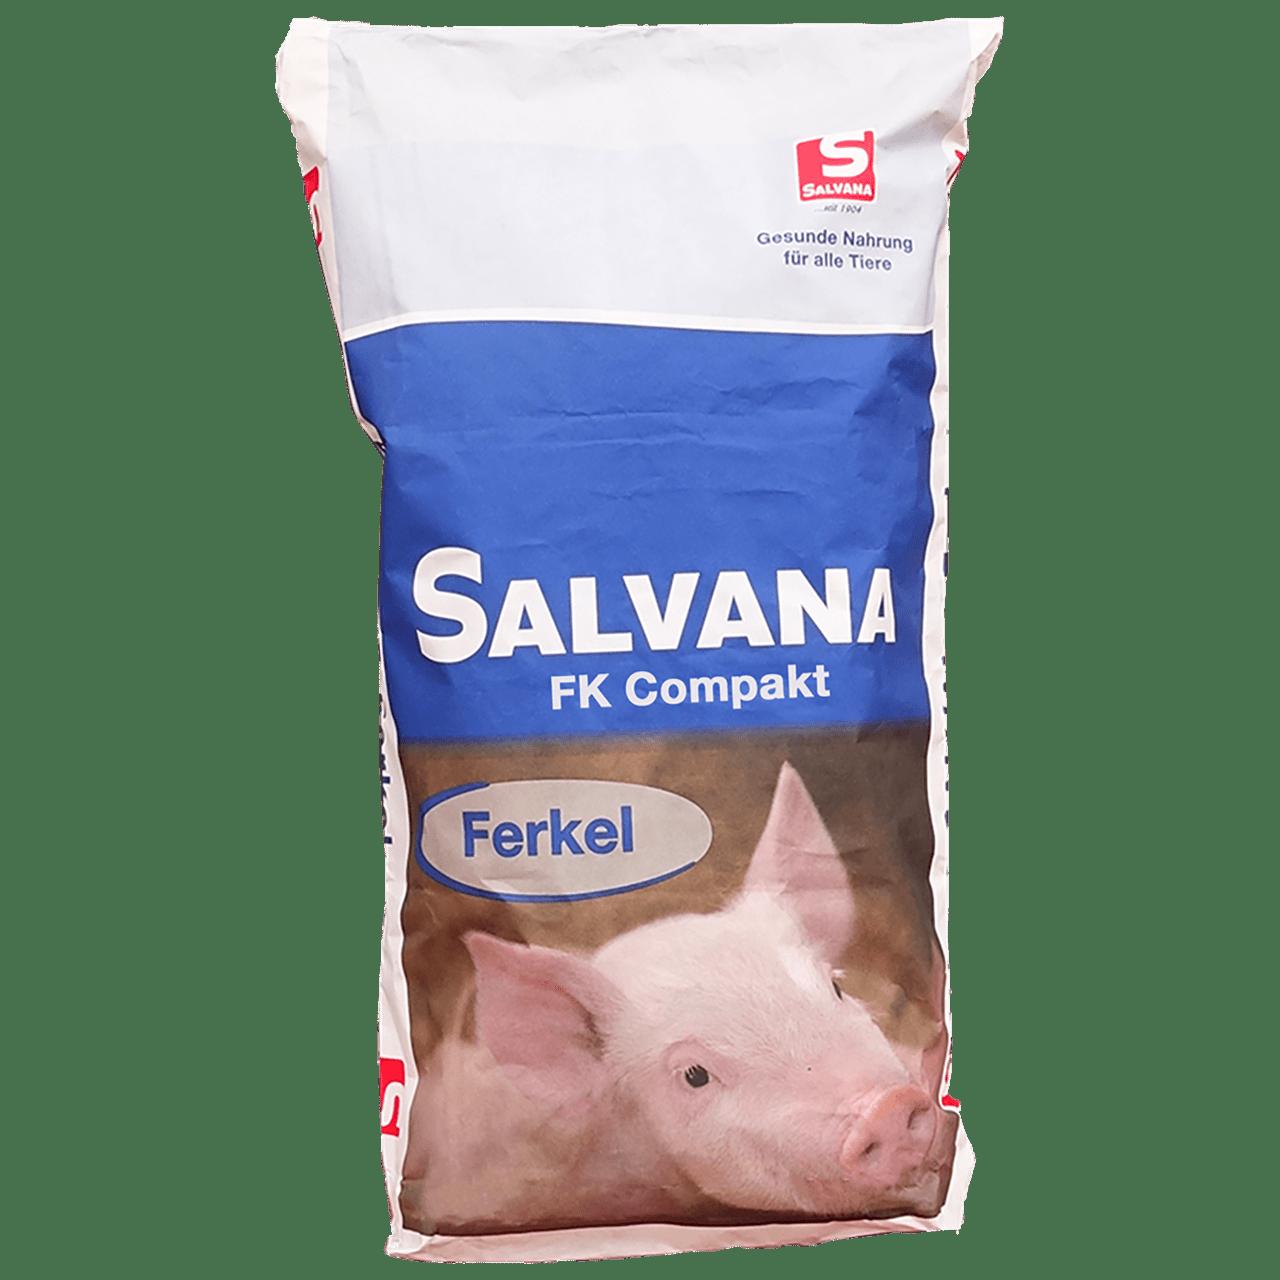 SALVANA FK Compakt